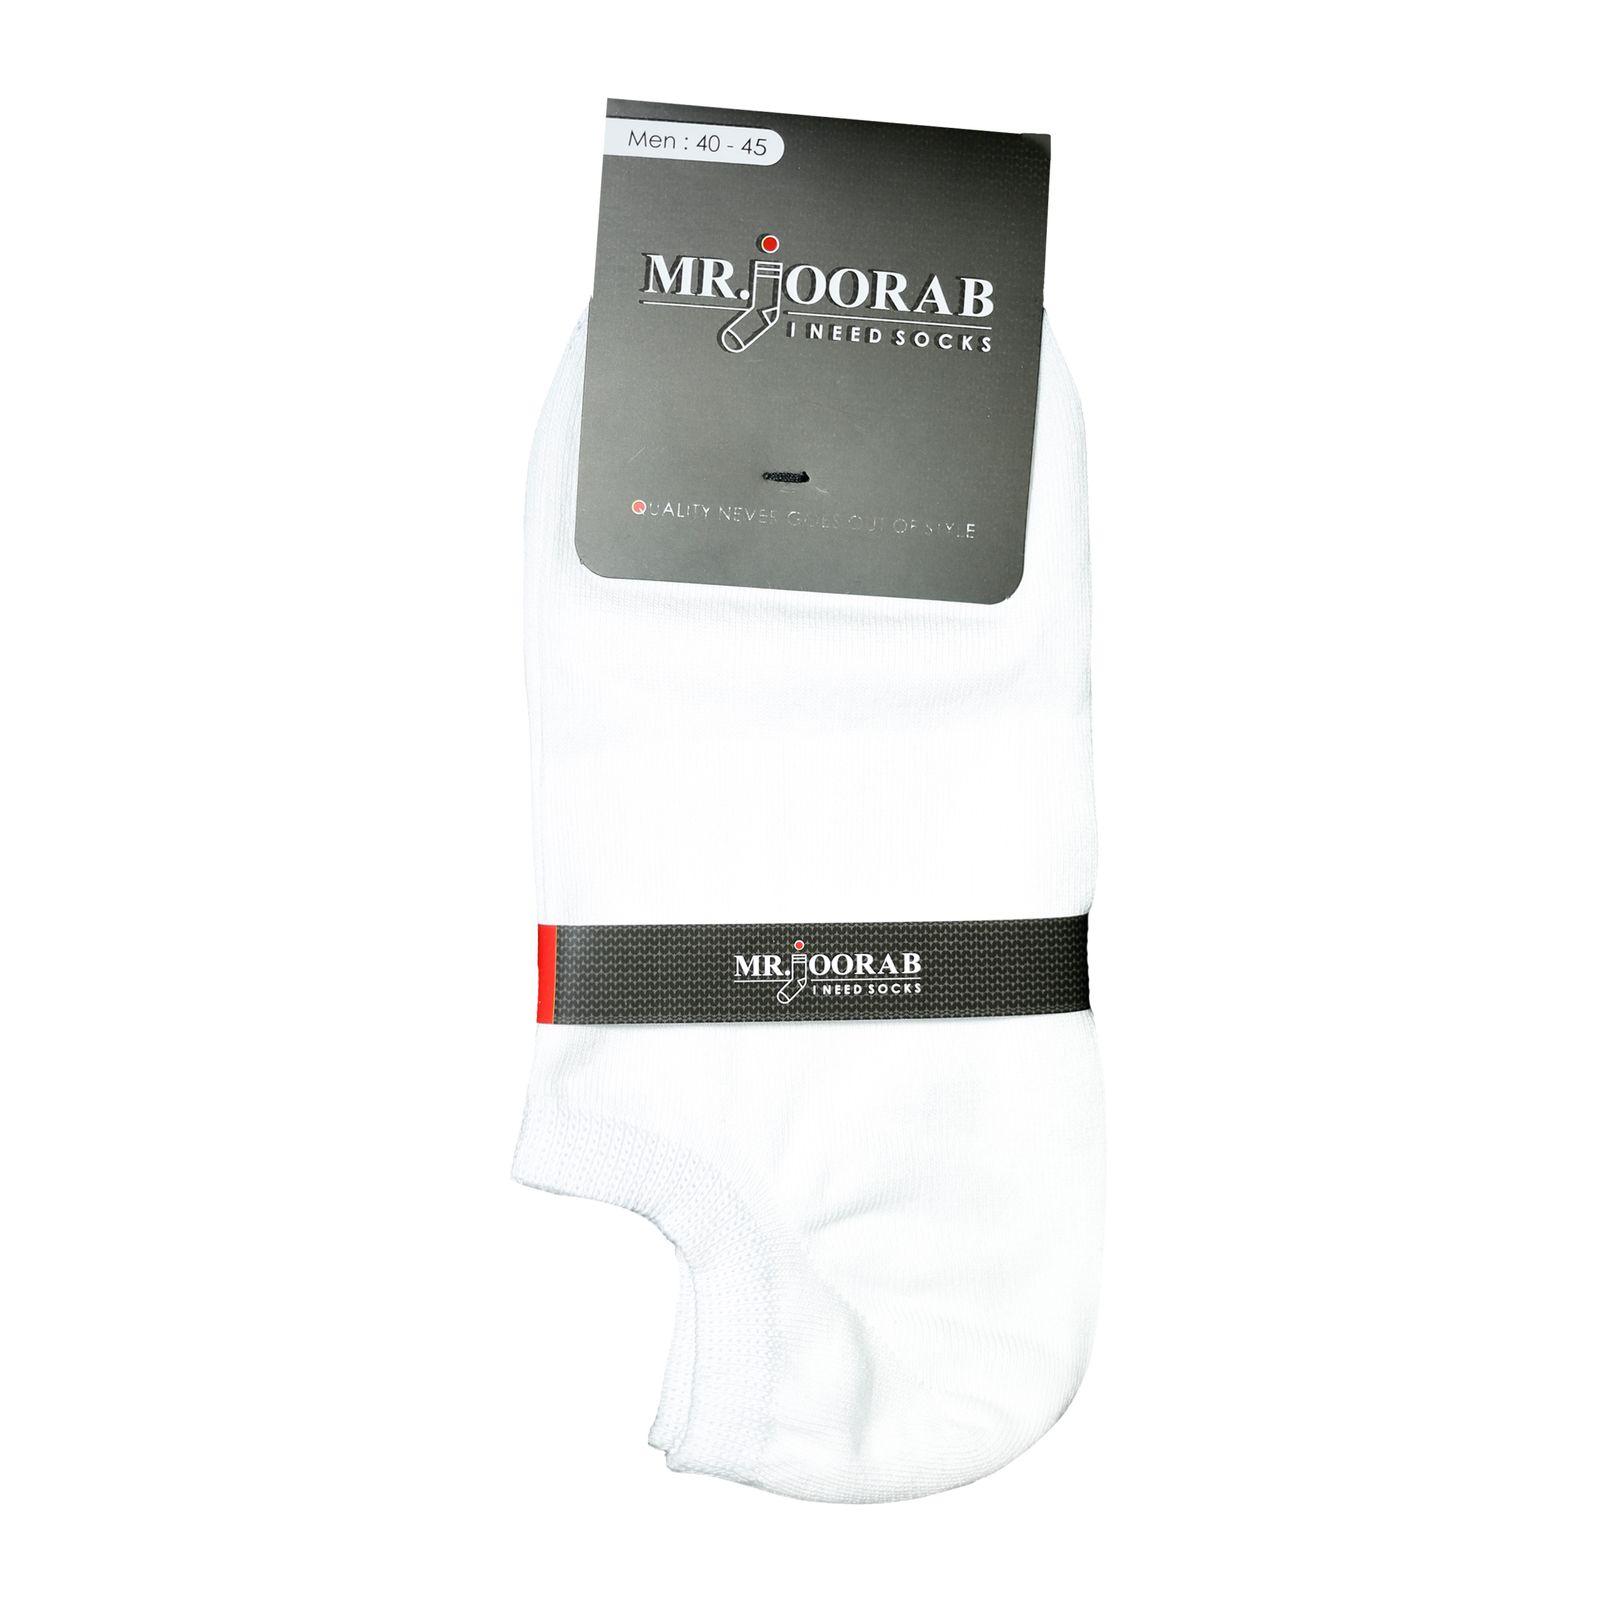 جوراب مردانه مستر جوراب کد BL-MRM 114 مجموعه 6 عددی -  - 3